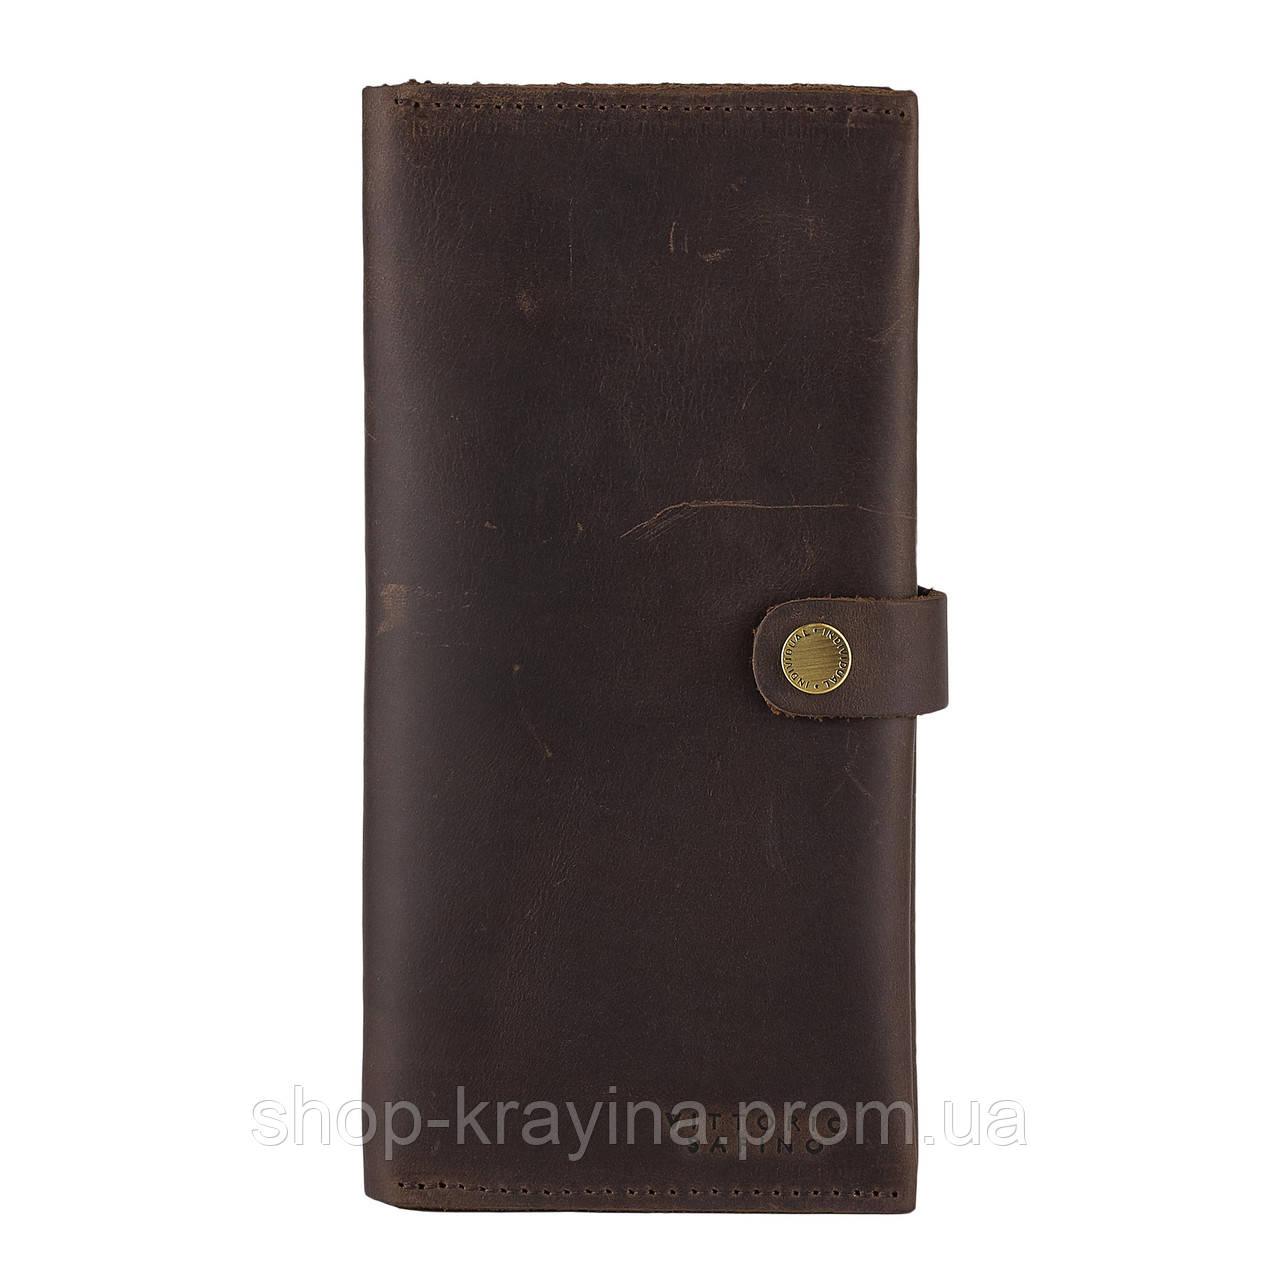 Портмоне из натуральной винтажной кожи VS9 Черный